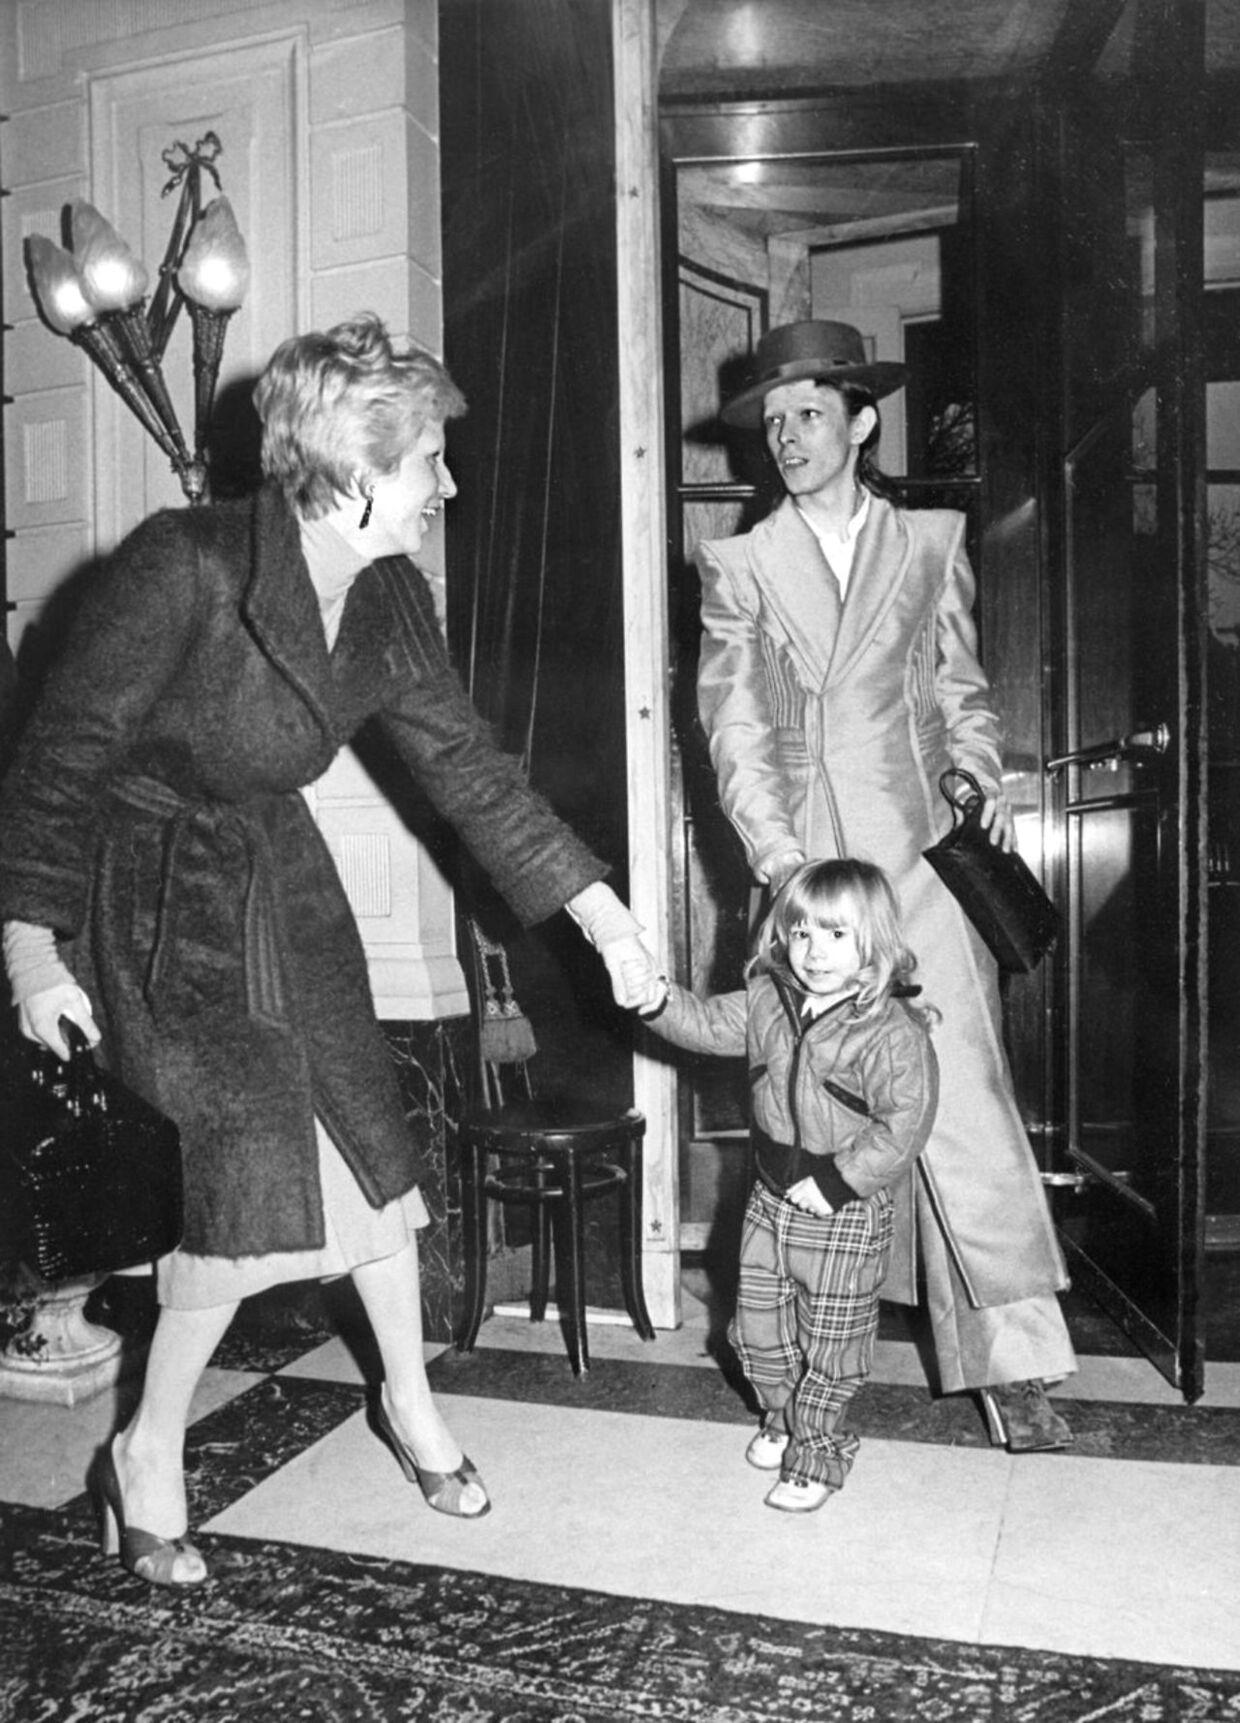 Fotoet er fra d. 17. februar 1974. På billedet ses Angela (Angie) Bowie, David Bowie og deres lille søn Zowie.